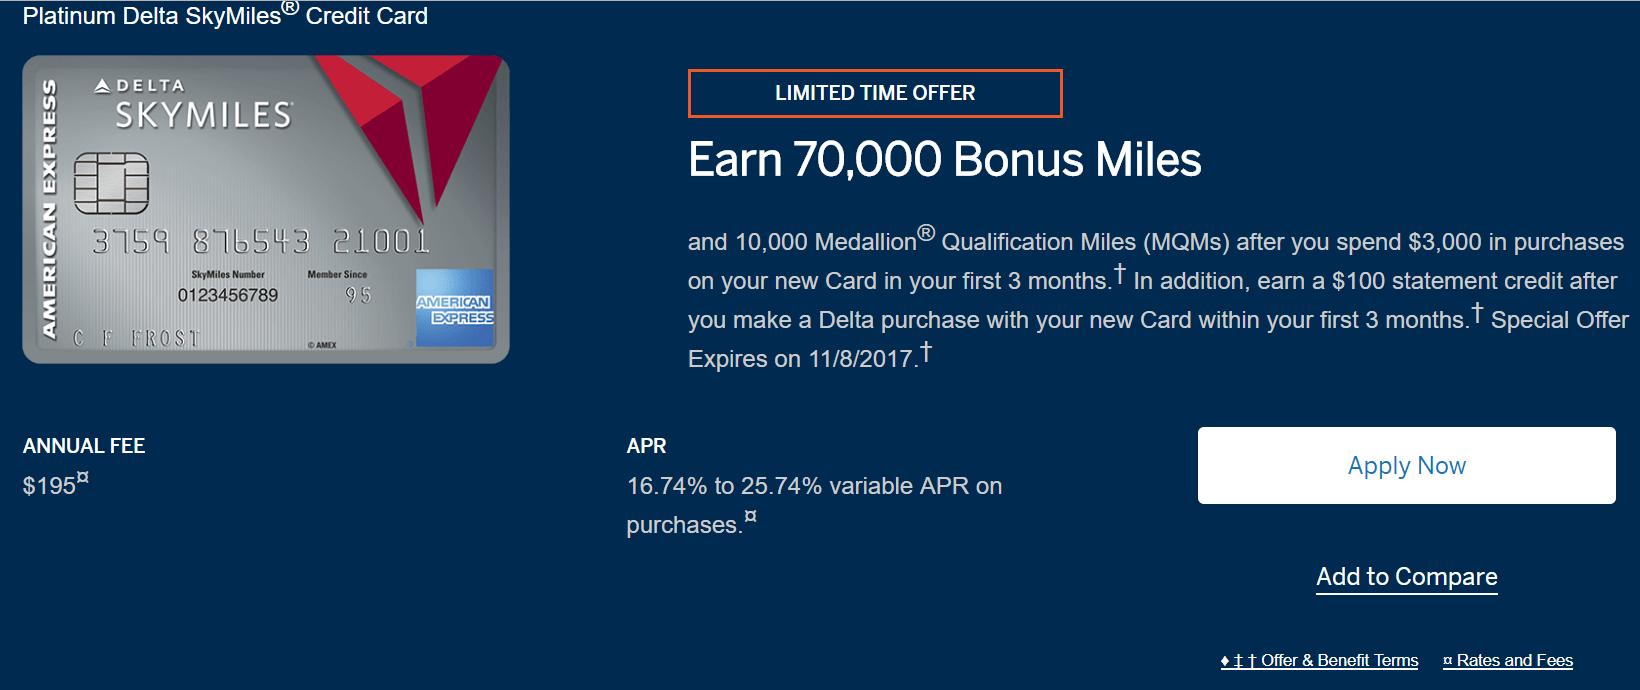 AMEX Platinum Delta 信用卡【9/28更新:70k+0+10k奖励来啦】